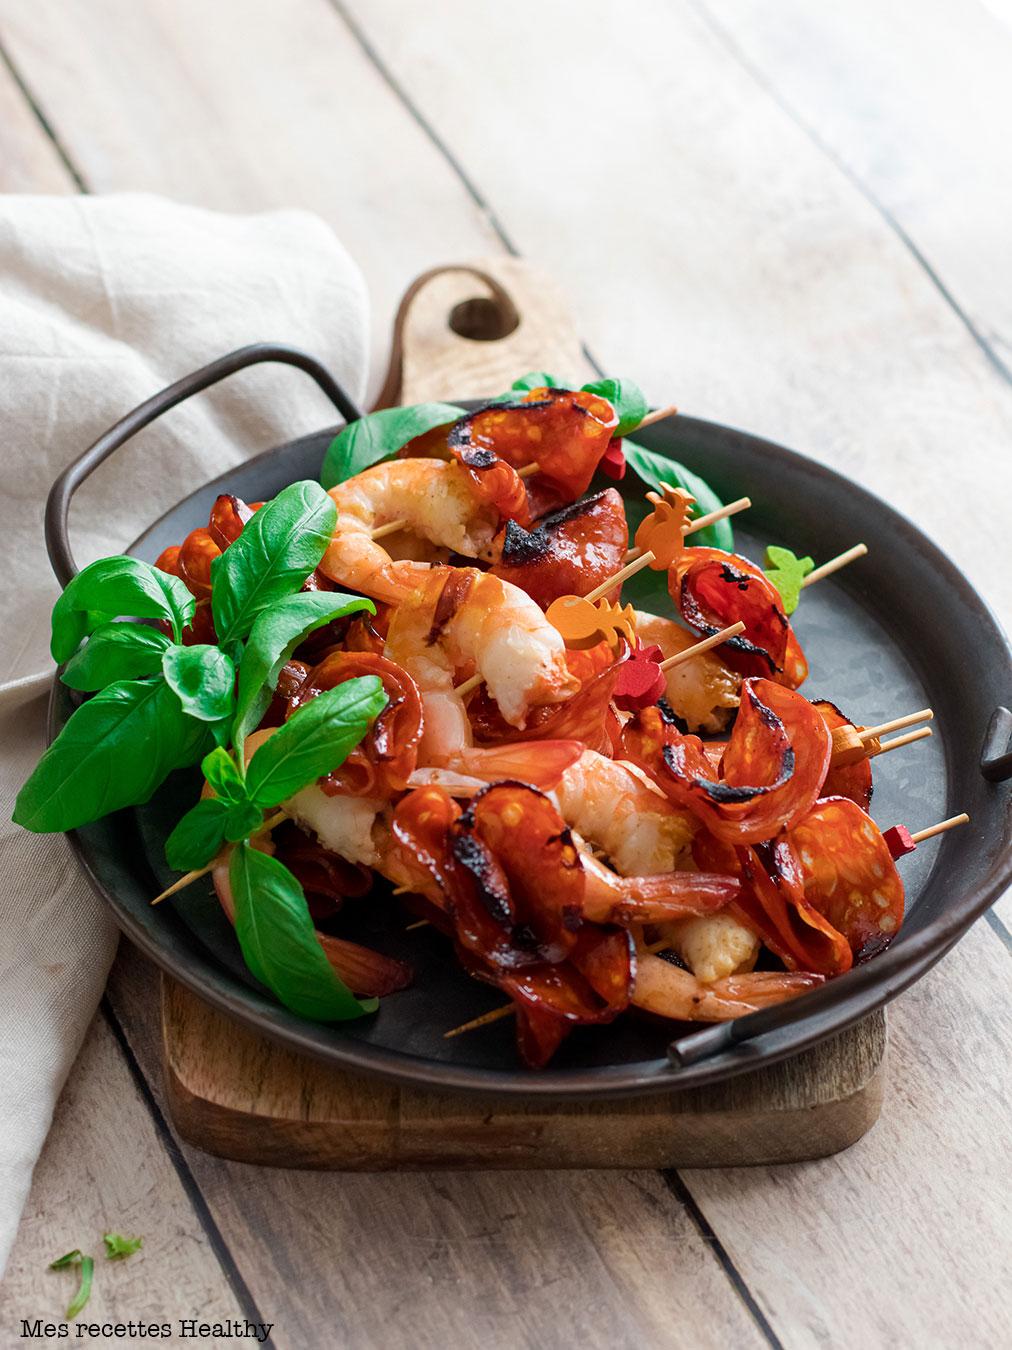 recette healthy-chorizo-crevette